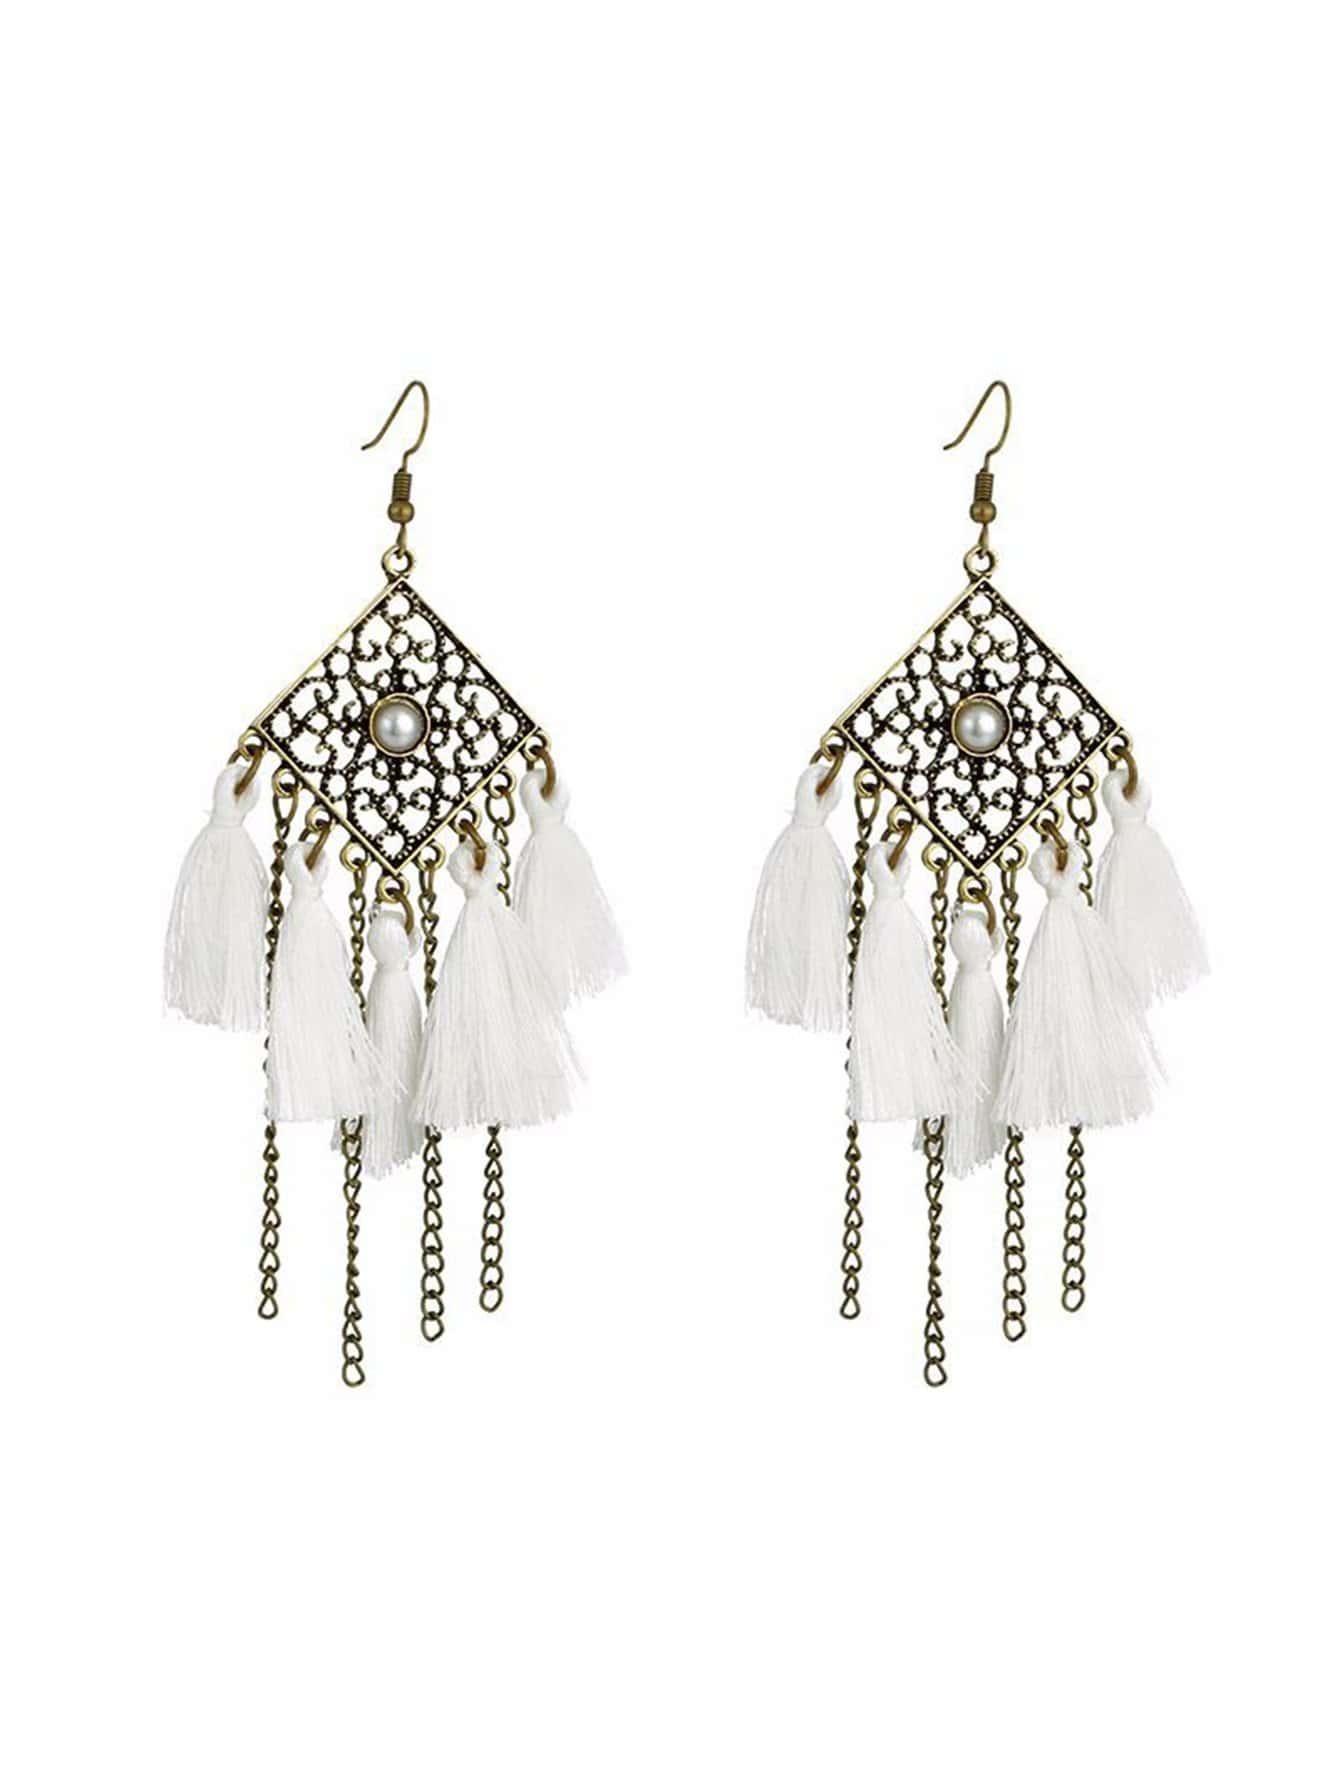 Hollow Design Tassel Drop Earrings two tone hollow face design drop earrings